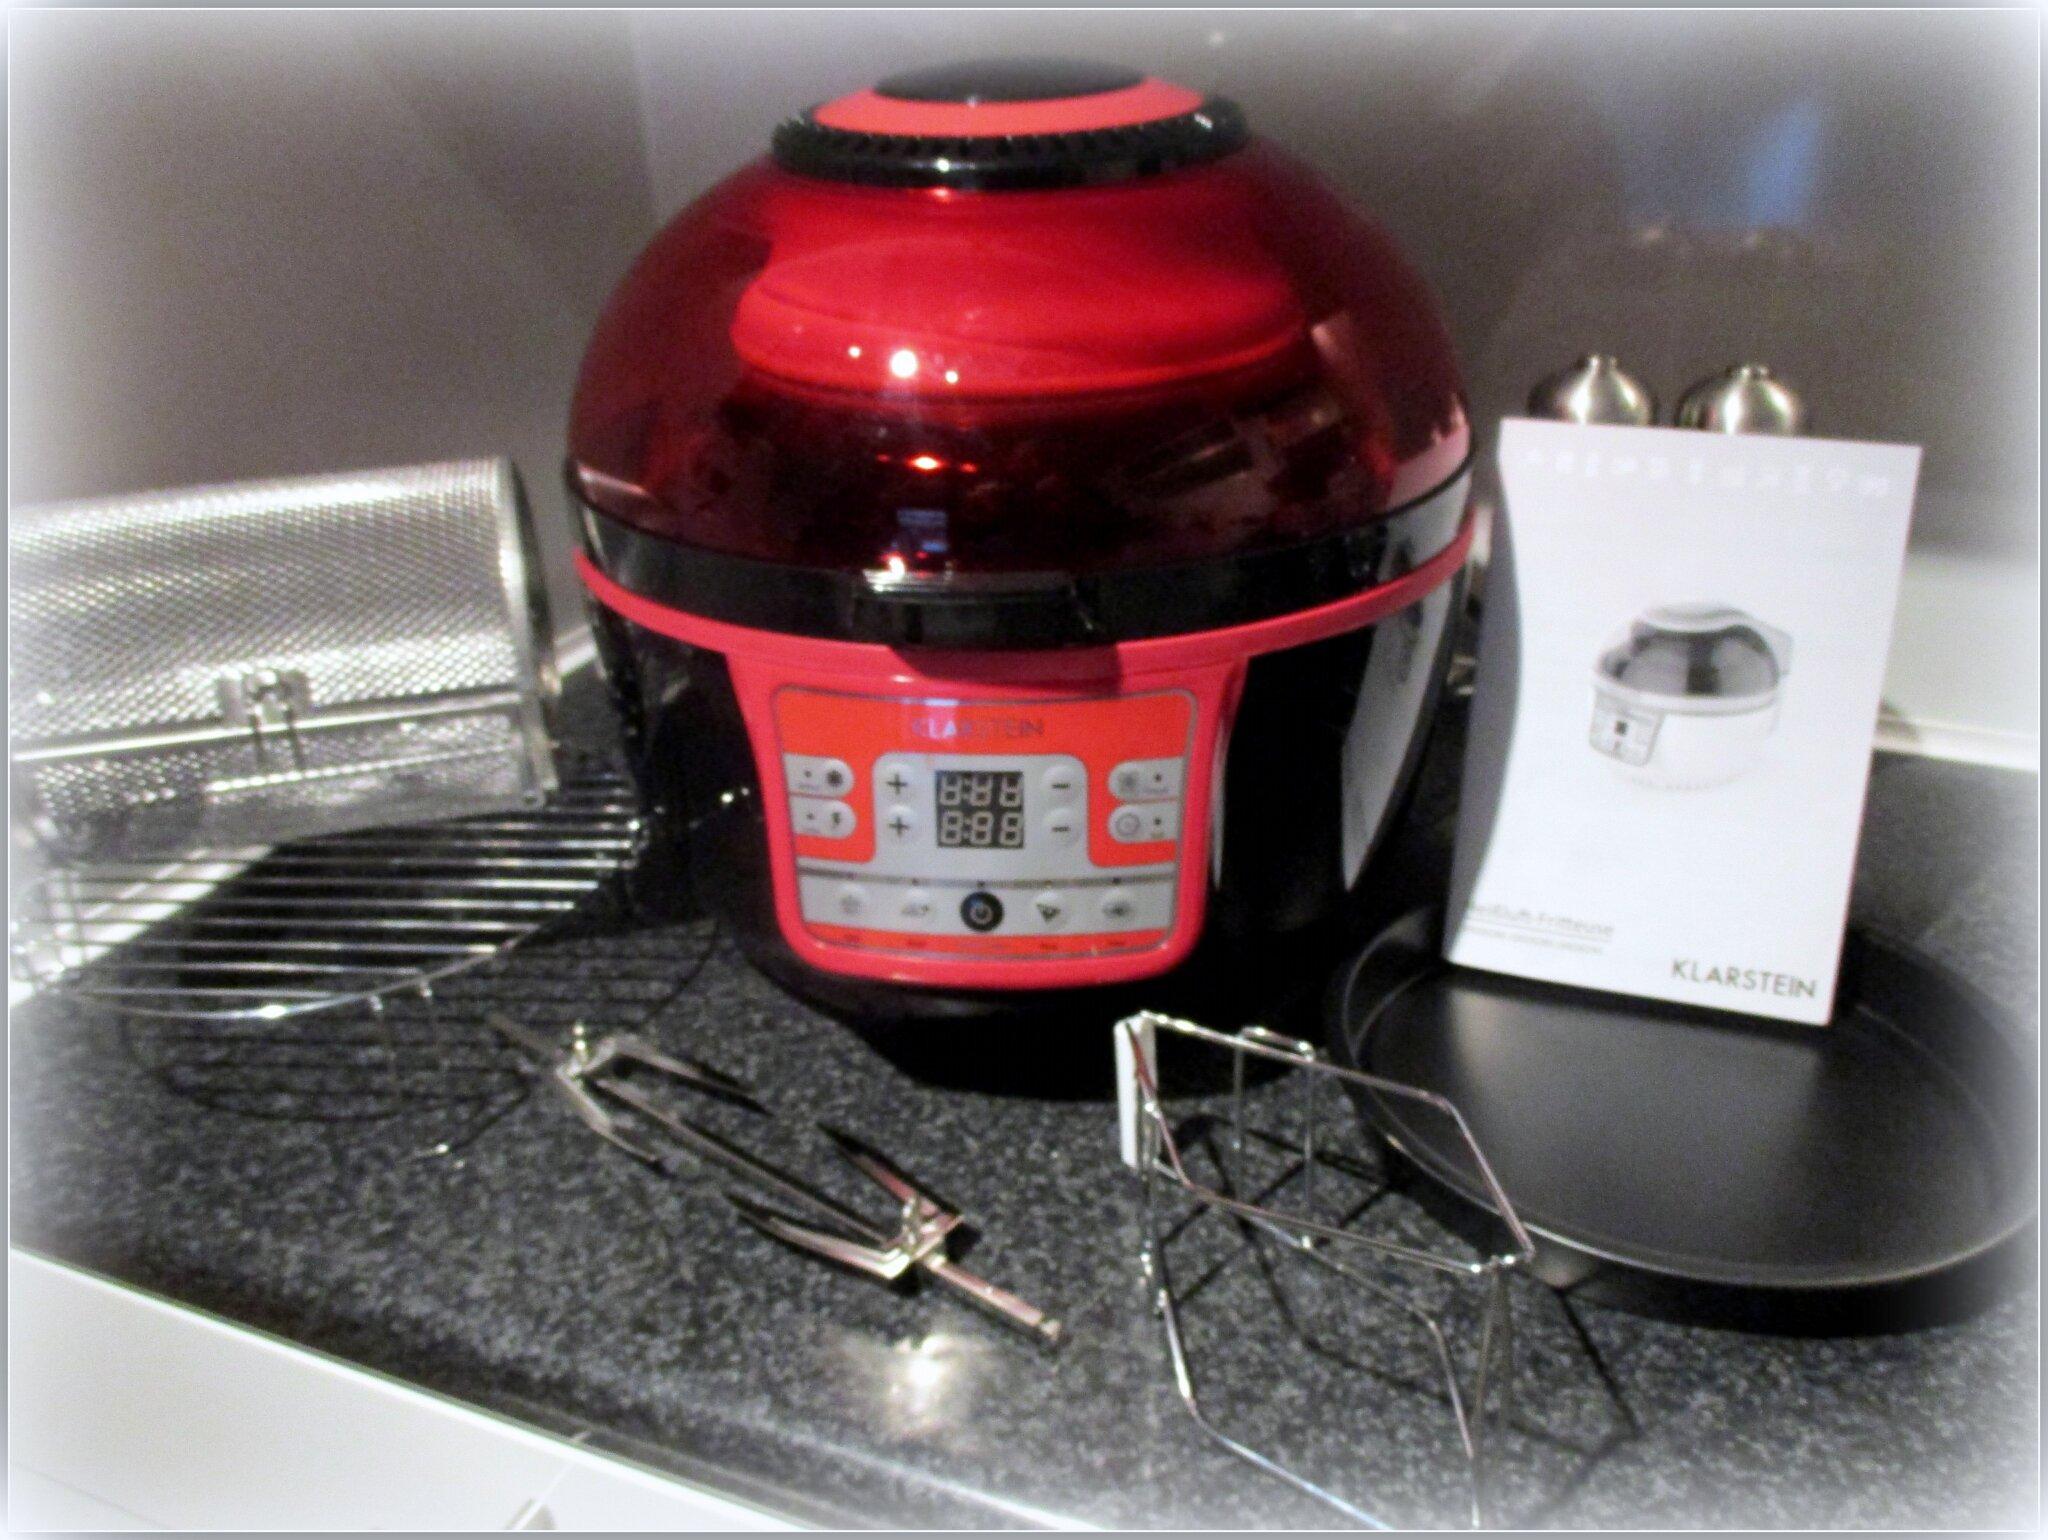 Friteuse air chaud de mon partenaire klarstein blogs de cuisine - Friteuse a air chaud ...